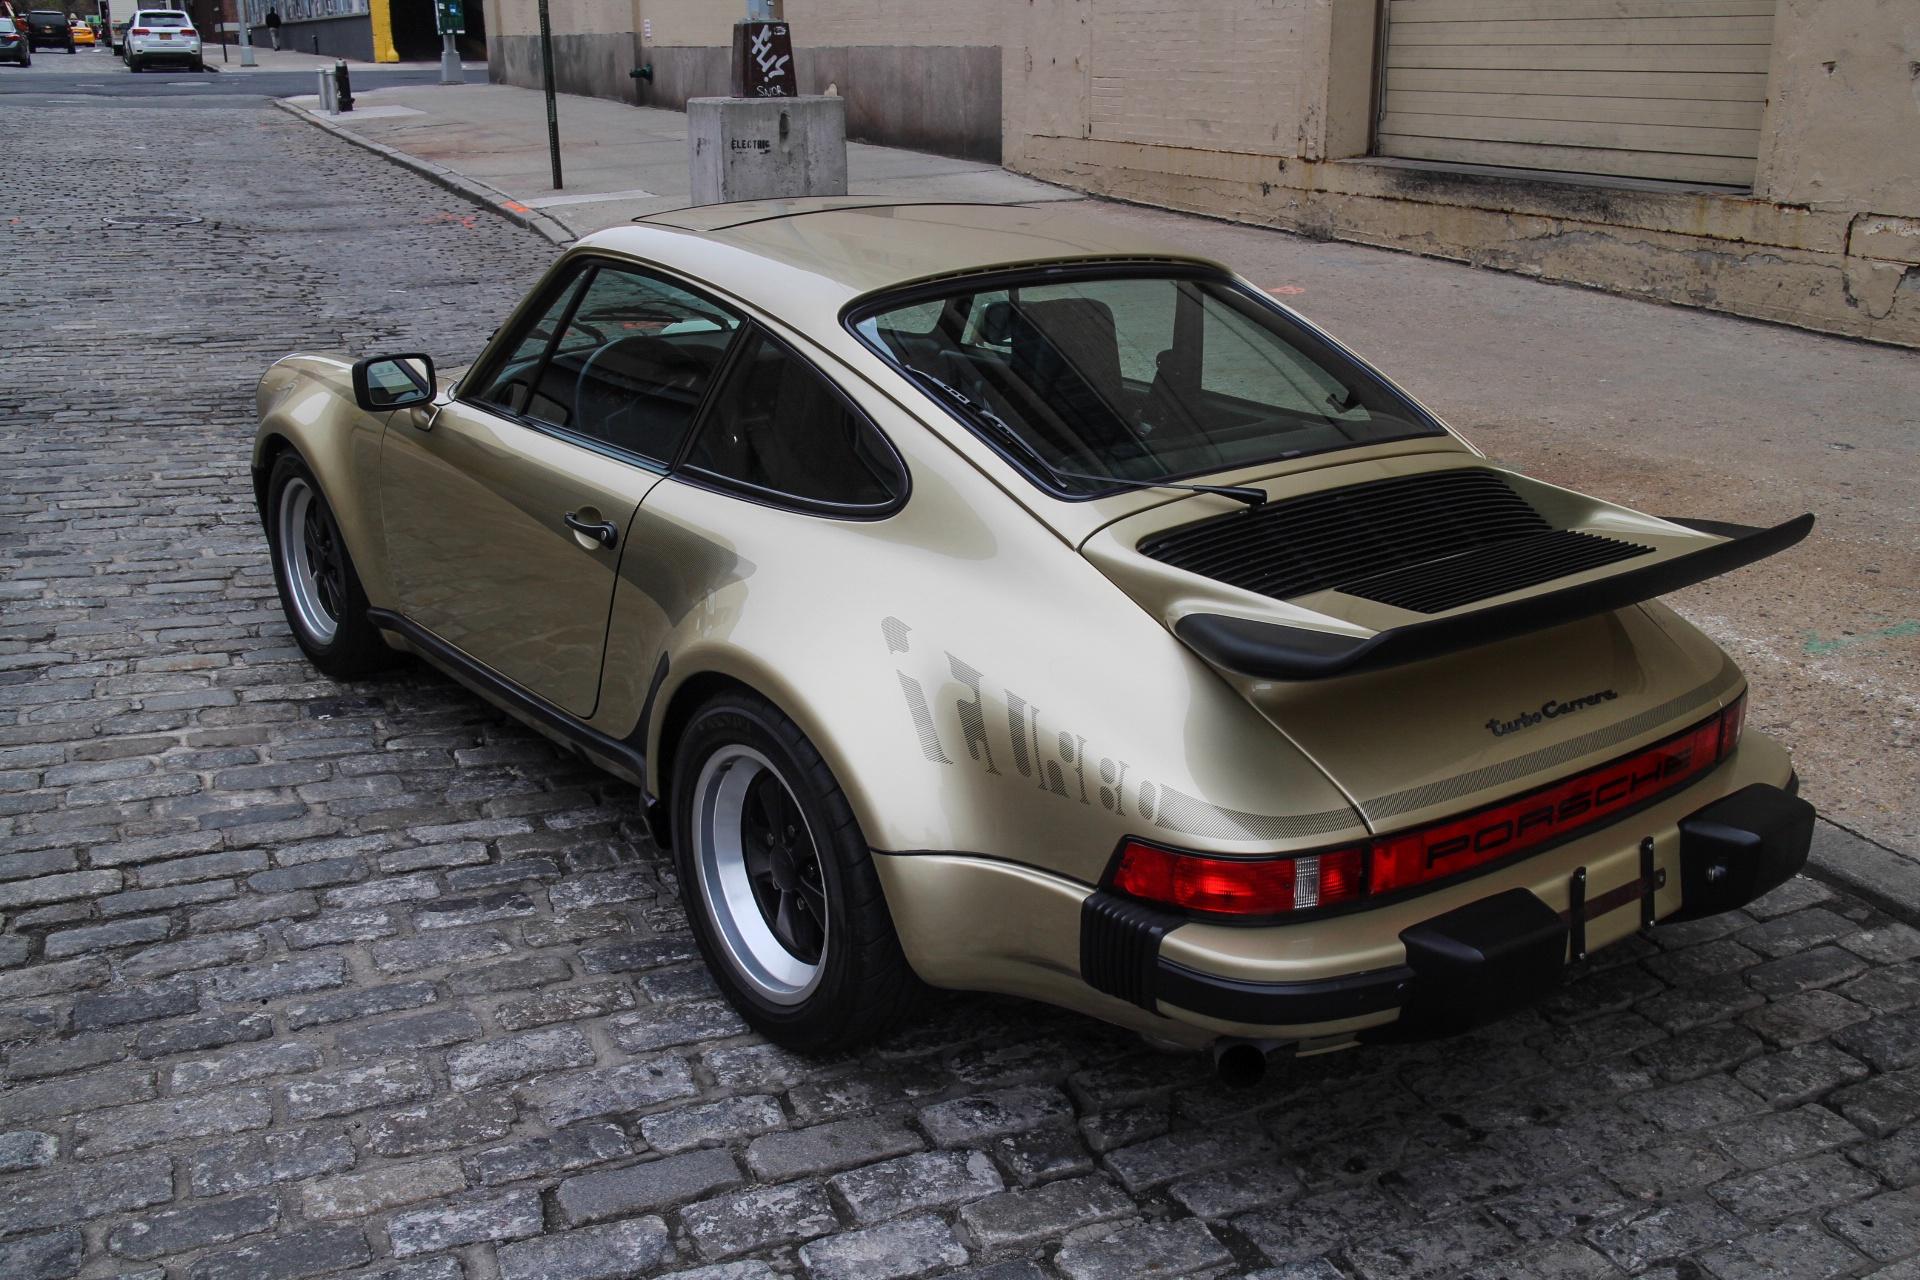 1977 Porsche 930 Turbo Carrera Stock 930781 For Sale